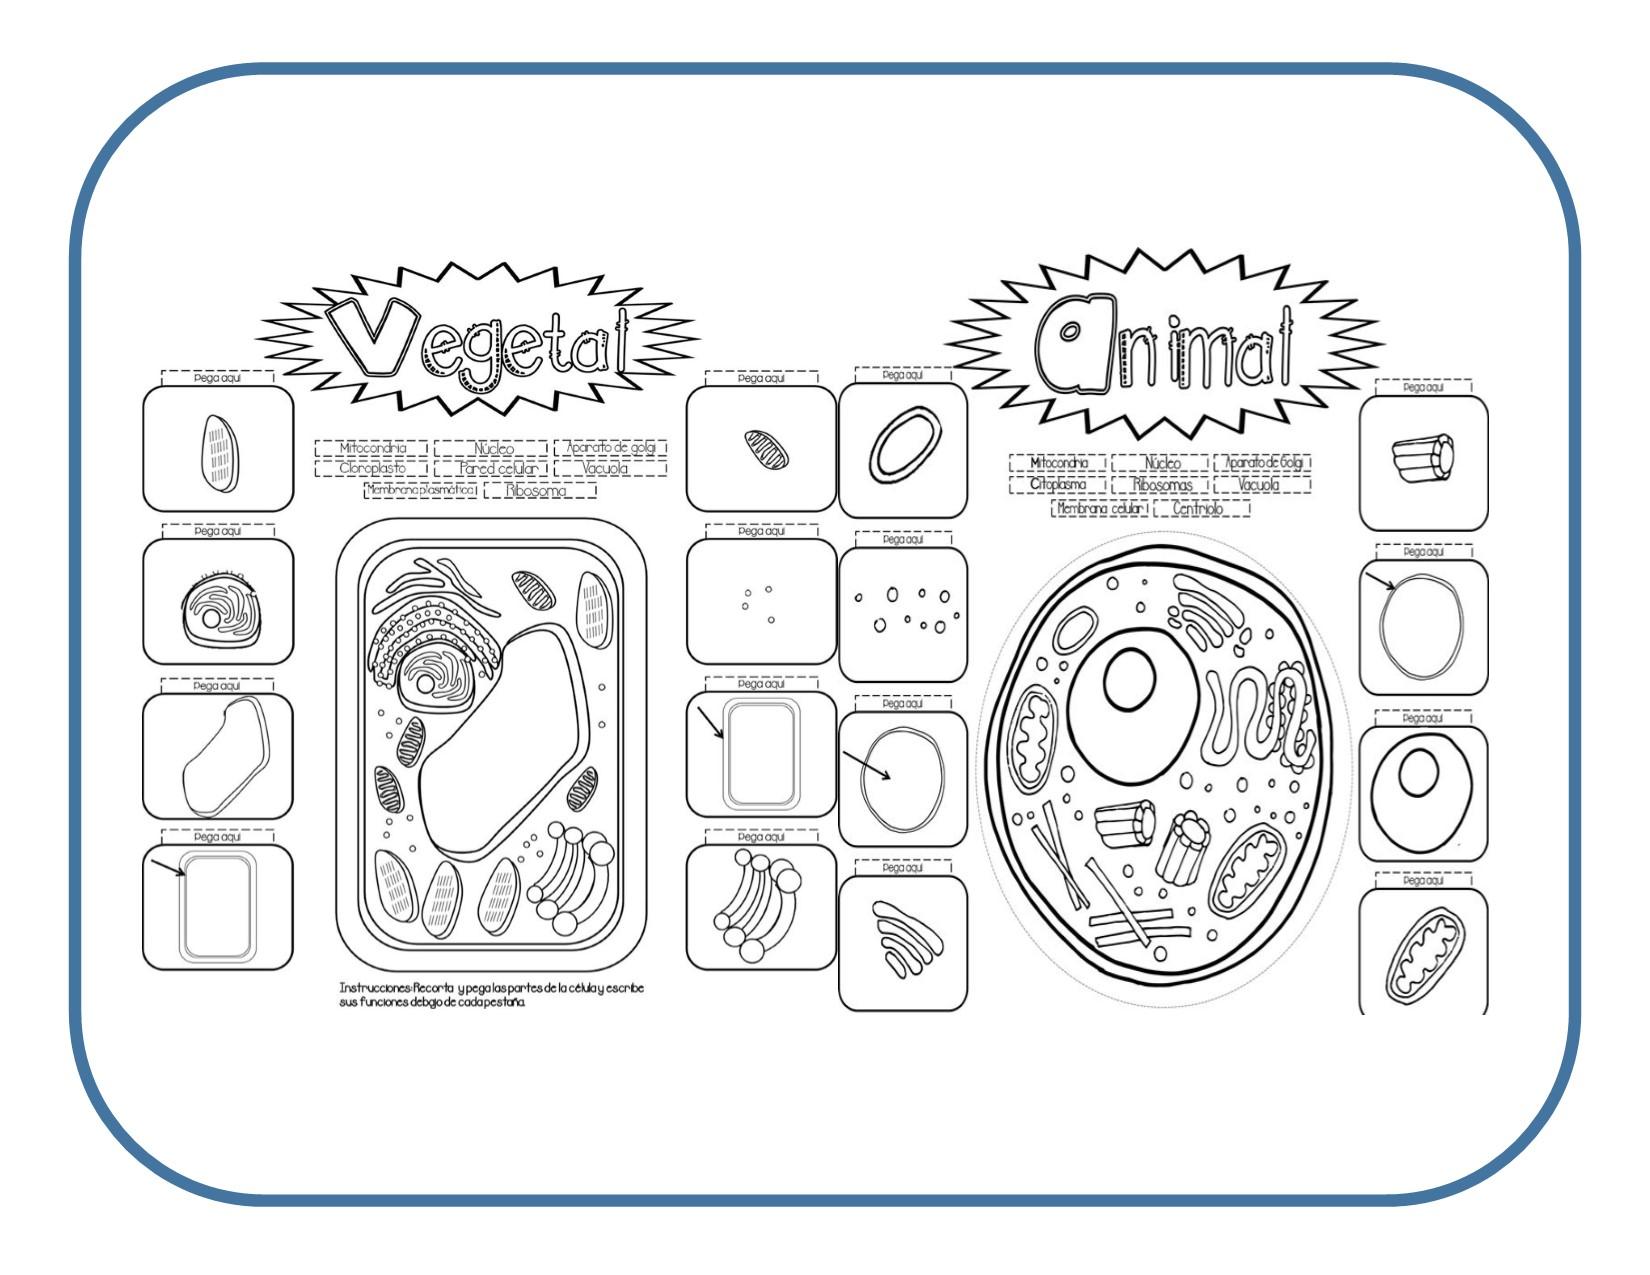 Excelente material interactivo para aprender la célula vegetal y animal